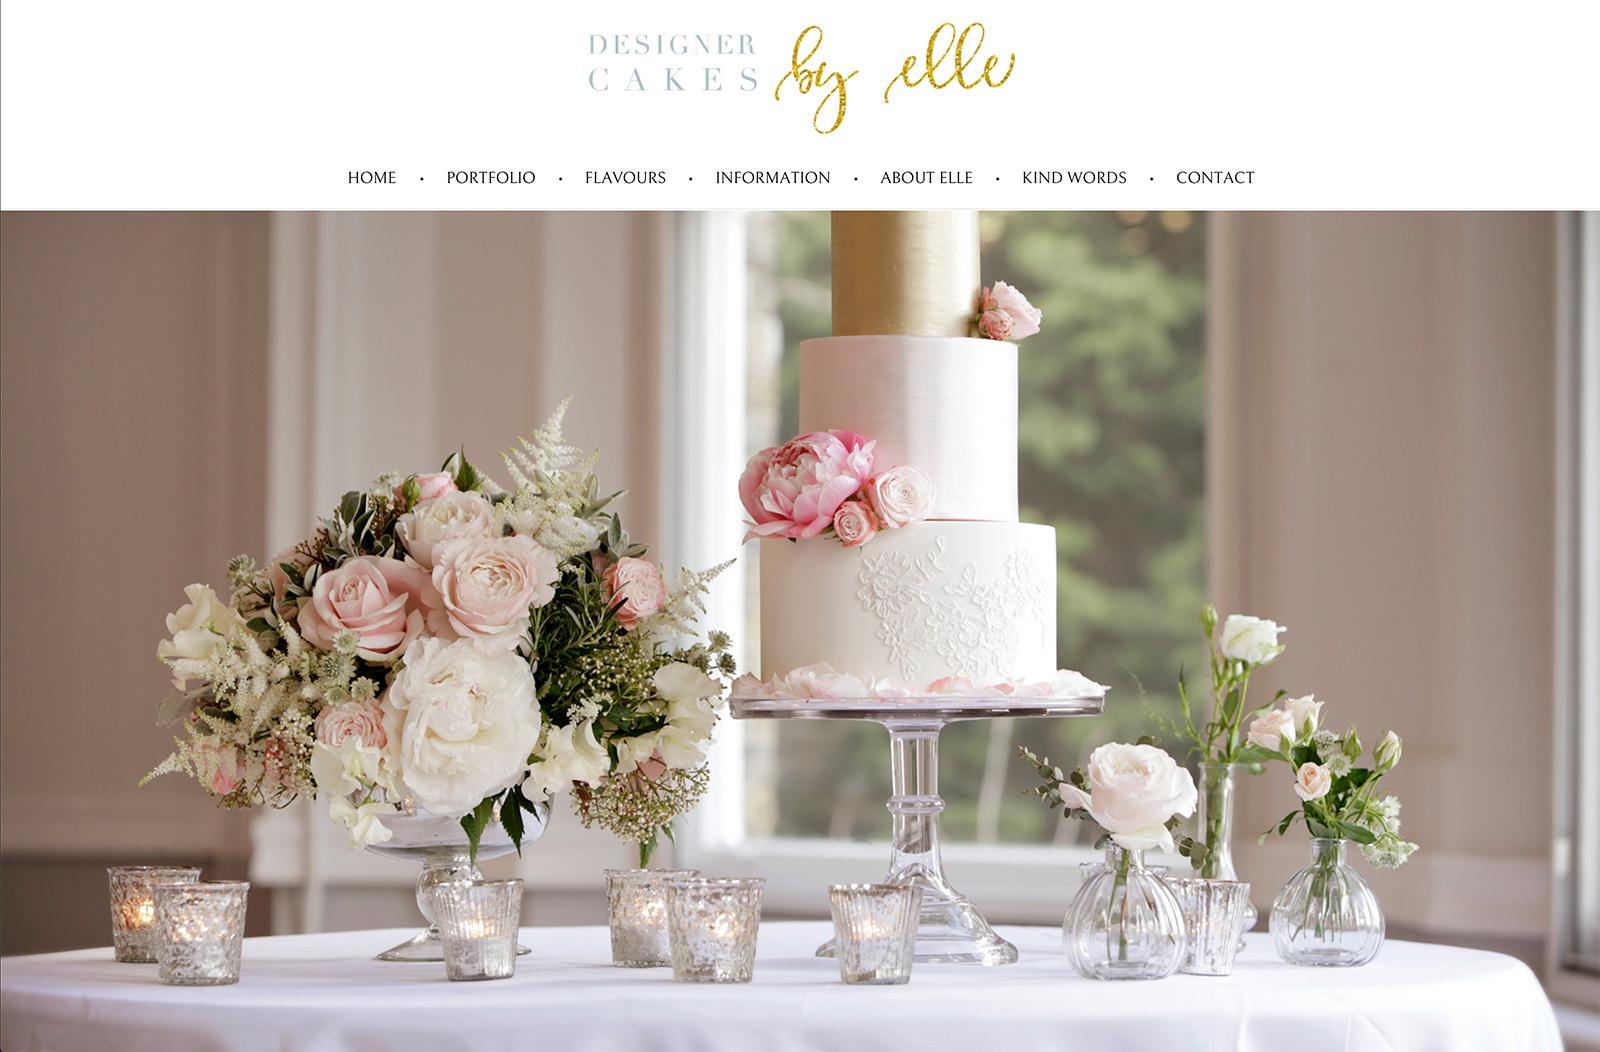 Designer Cakes by Elle - Website Design Surrey